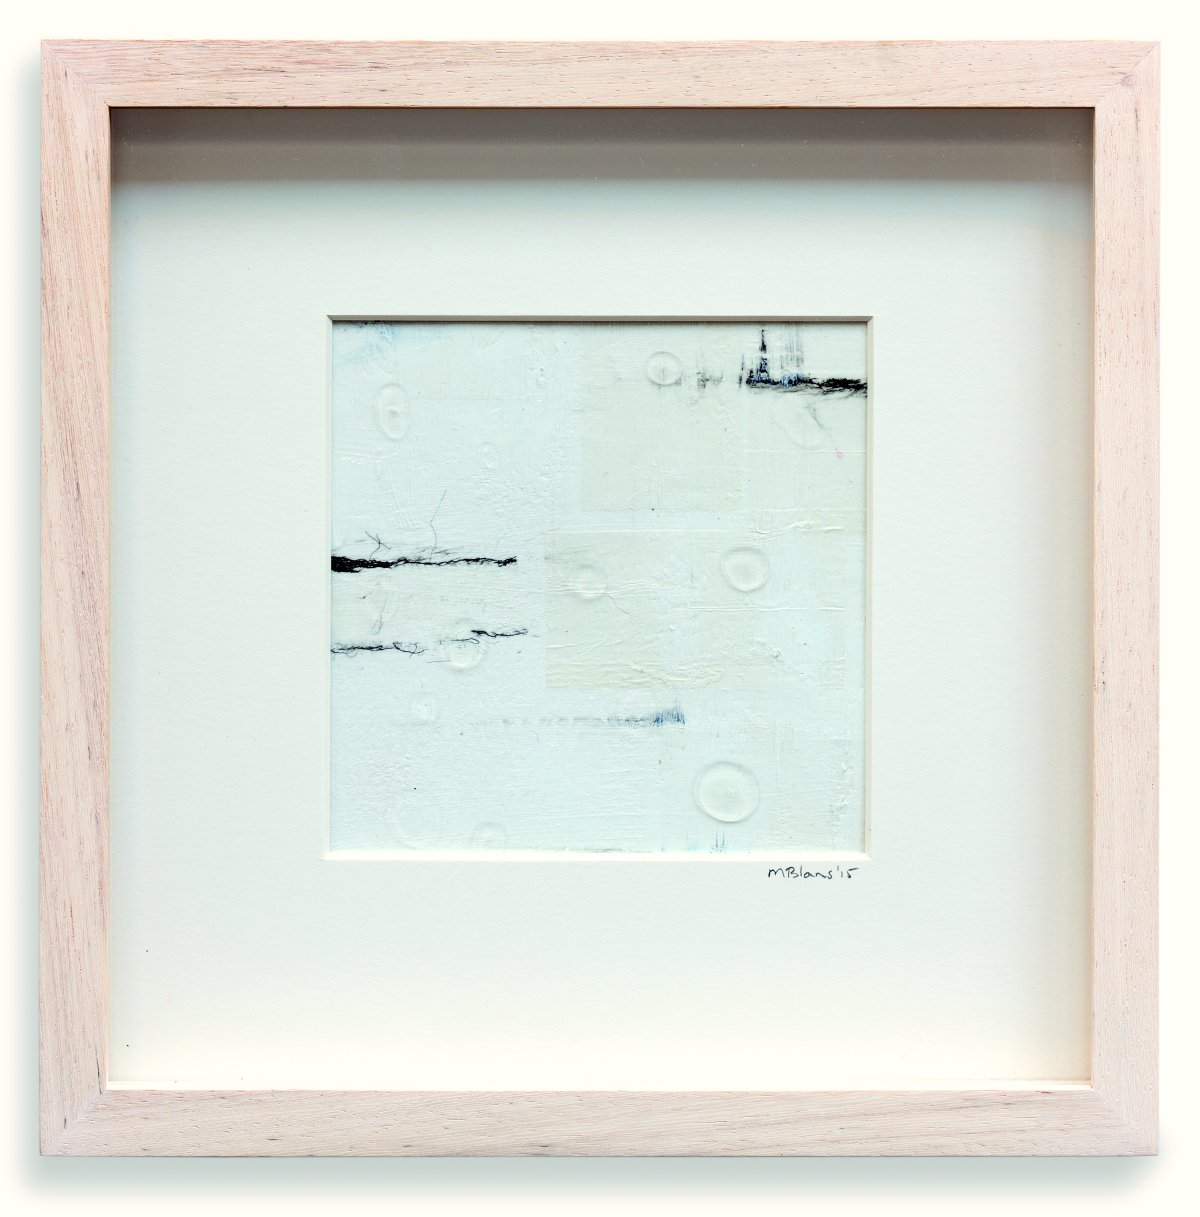 #47 Maartje Blans, Rorate Caeli, gemengde techniek op papier, 24.5x24.5x2 cm